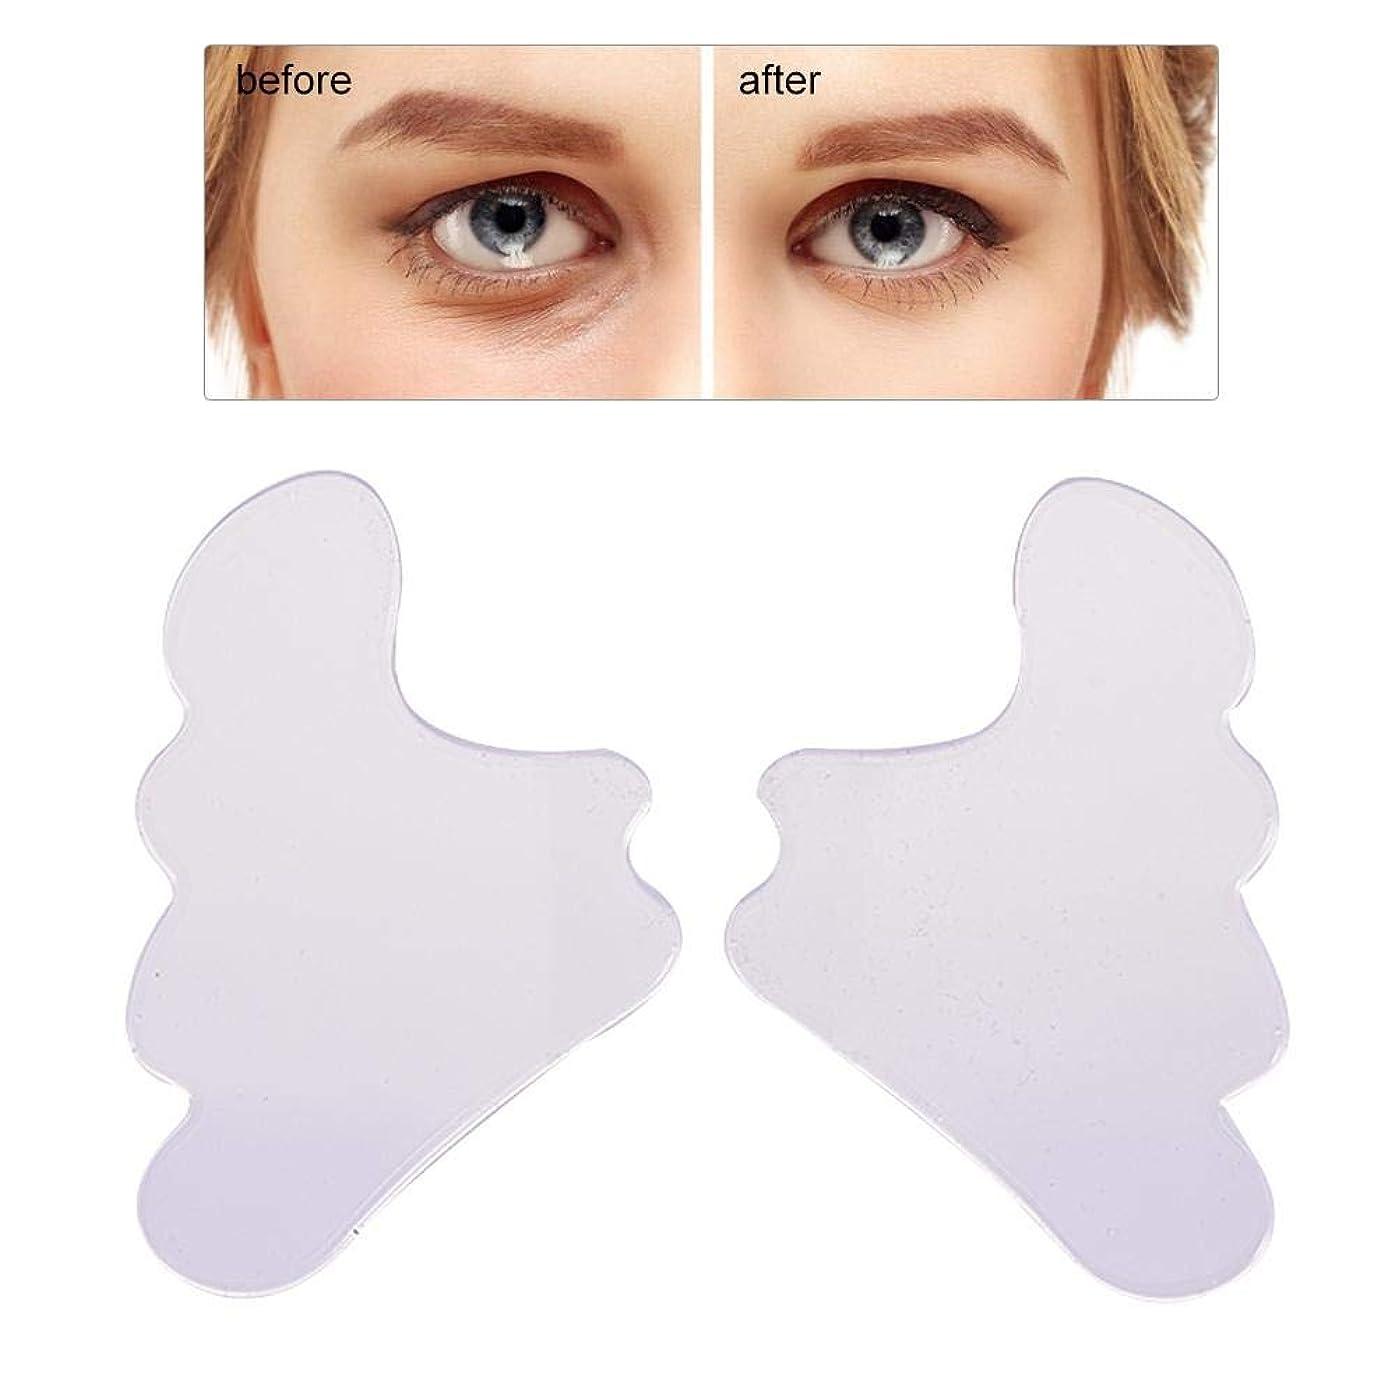 可決グレートオークメタリックSILUN シリコーン抗しわリップパッド ペーストフェイスステッカー 唇周り 細かい線を減らす 美容ステッカー